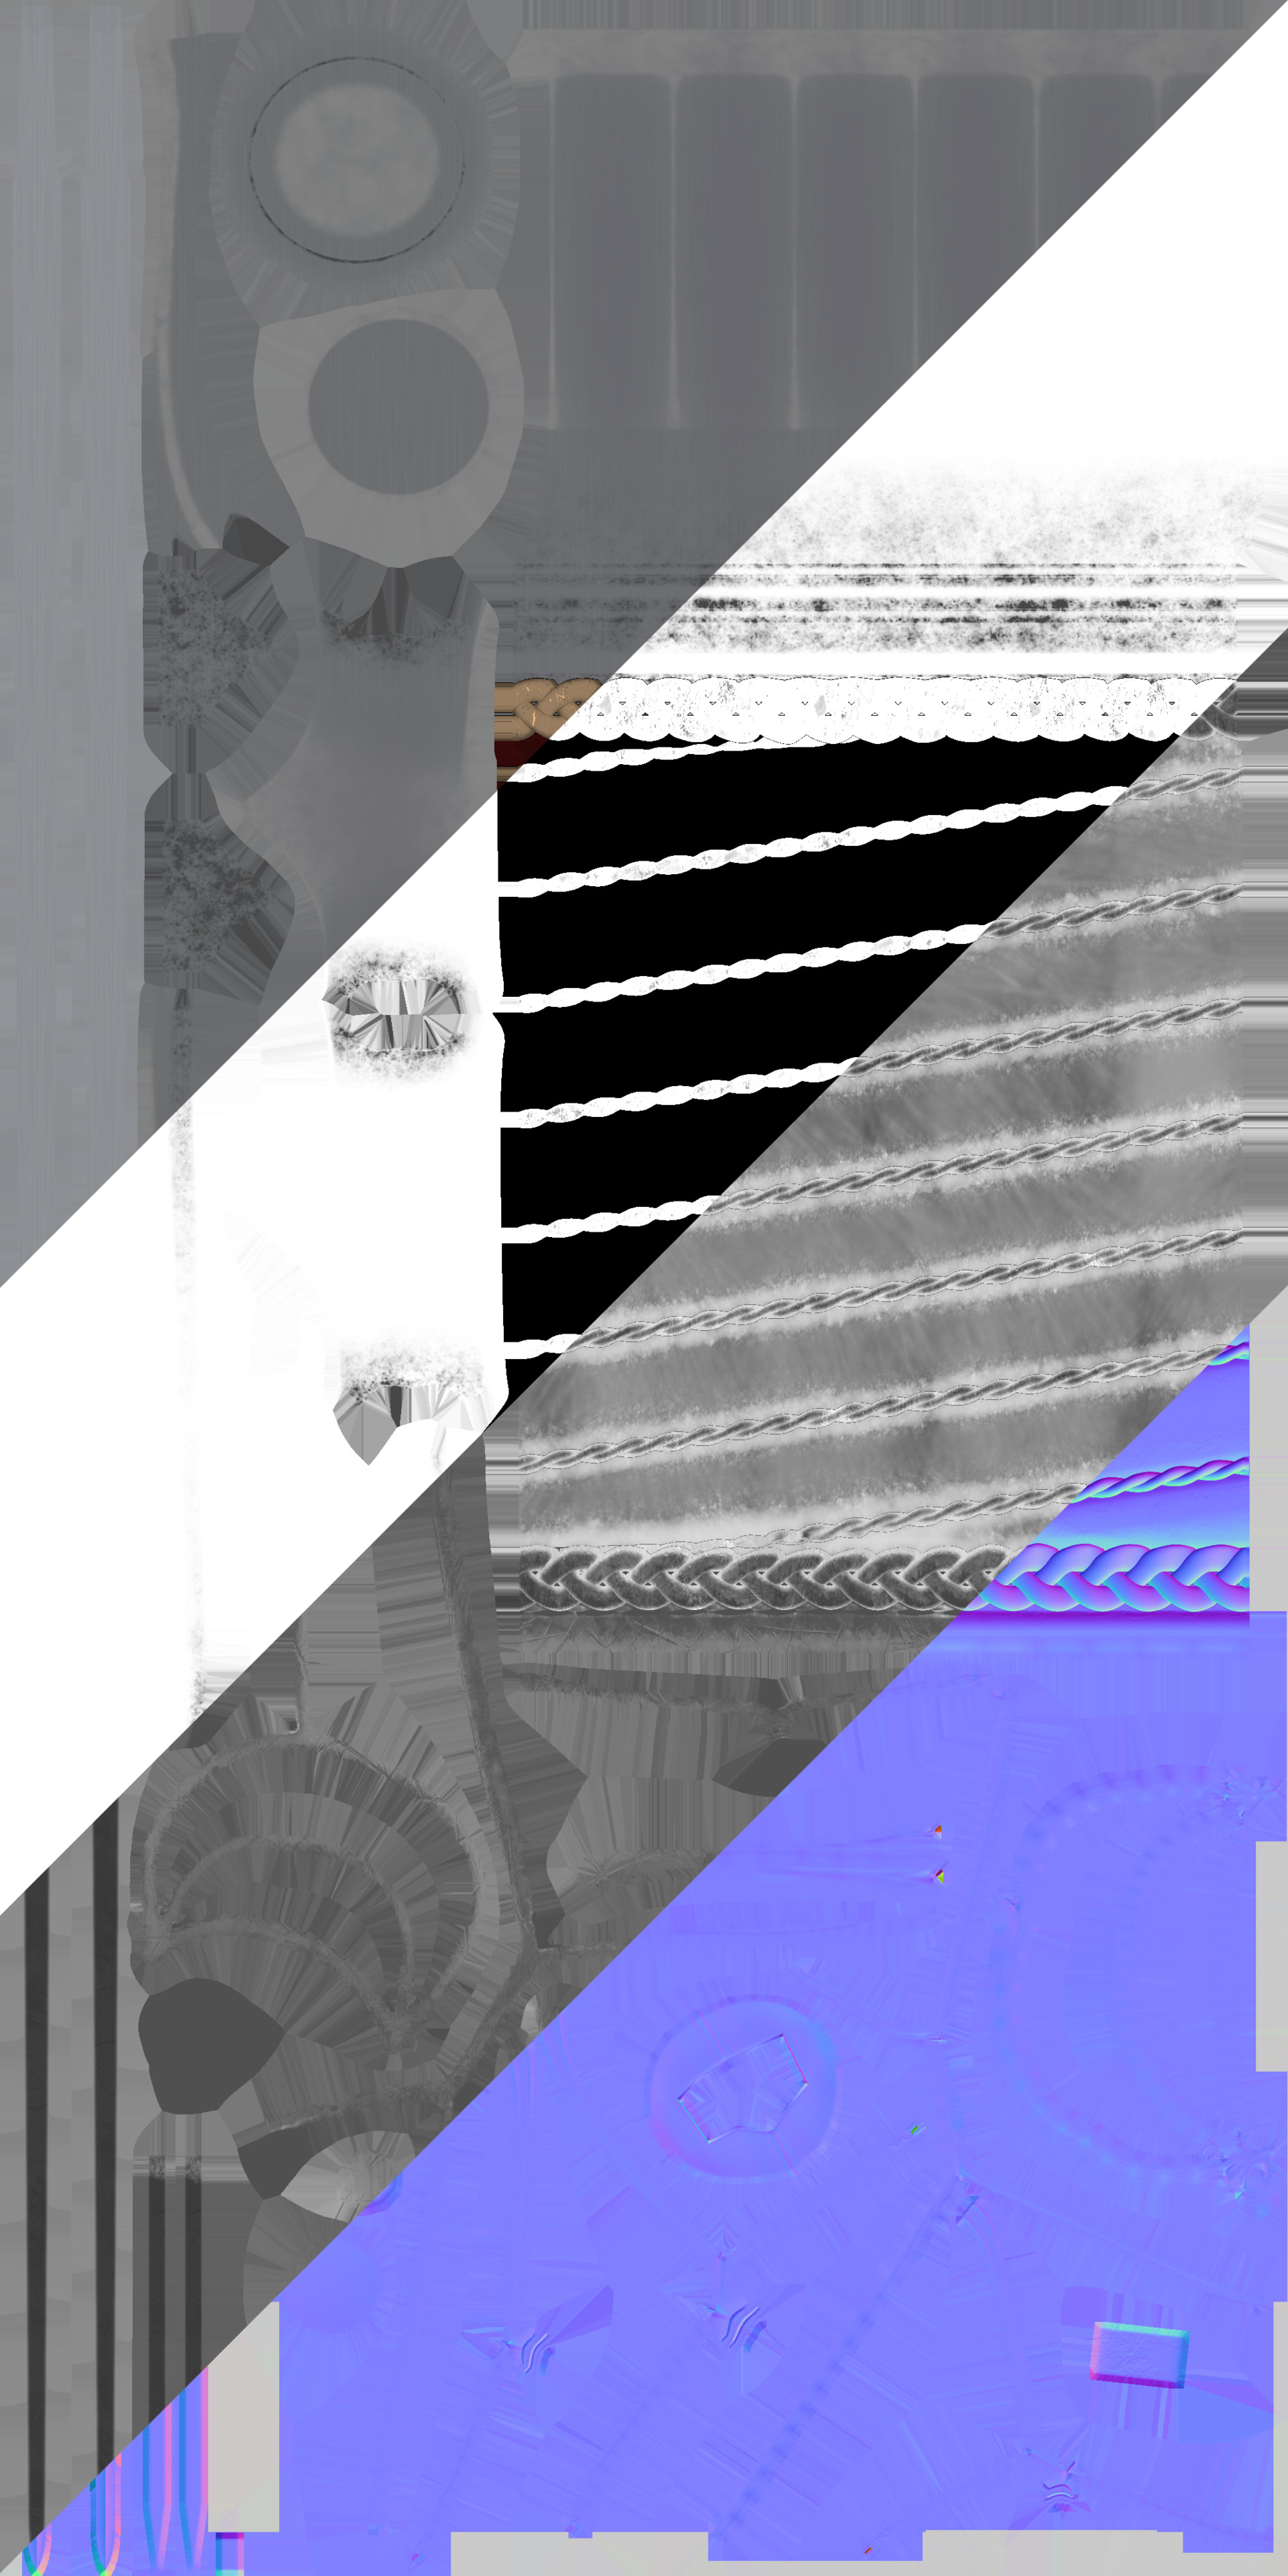 Max kaspersson texture